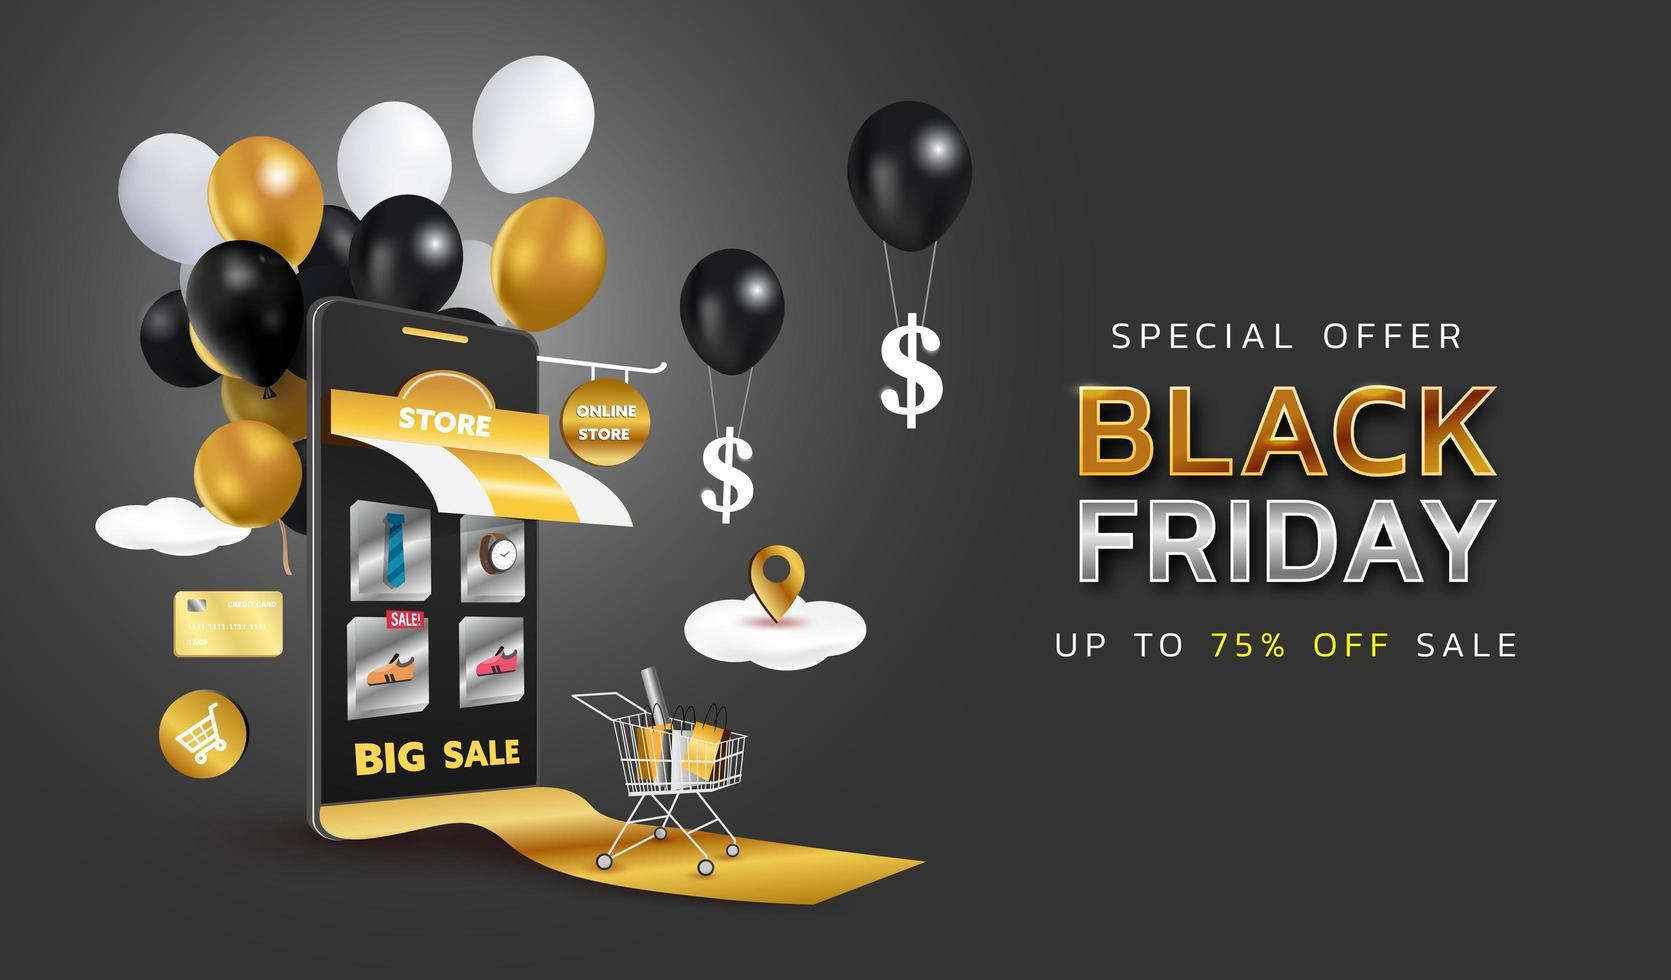 bannière de vente vendredi noir ou promotion sur fond sombre. boutique en ligne avec mobile, cartes de crédit et éléments de boutique. illustration vectorielle. vecteur